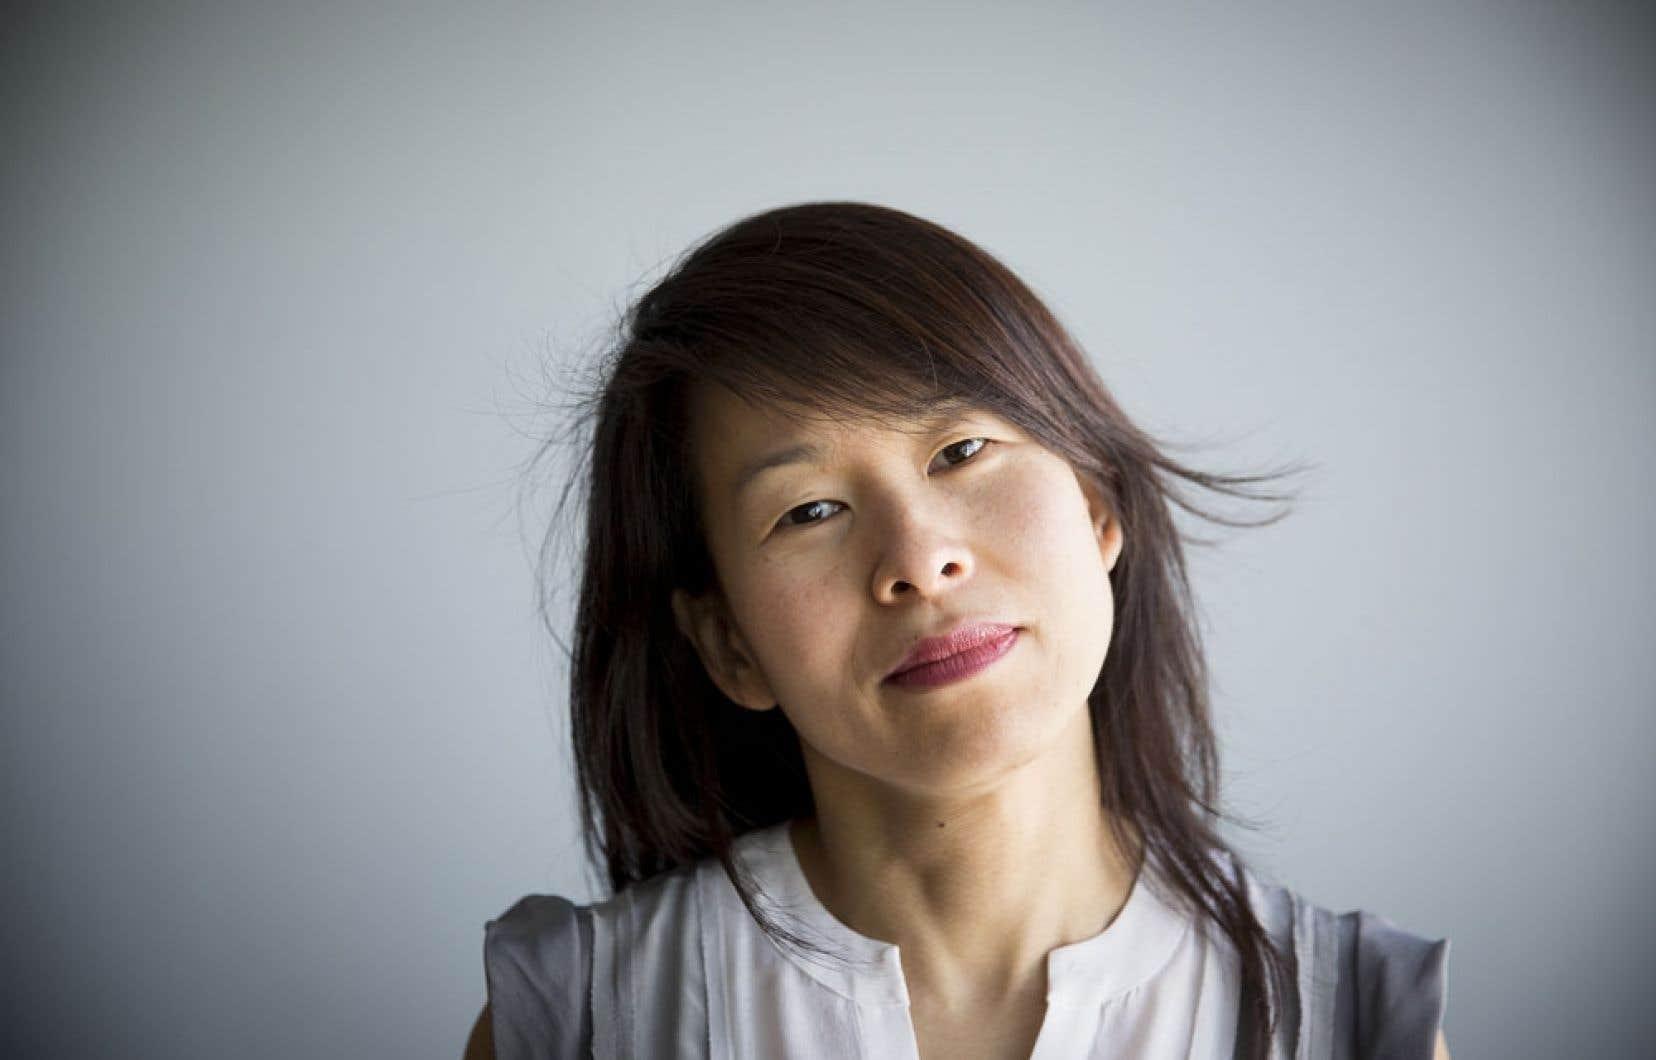 Ce qui rend Les Correspondances charmantes, de l'avis de Kim Thúy, c'est le plein air.